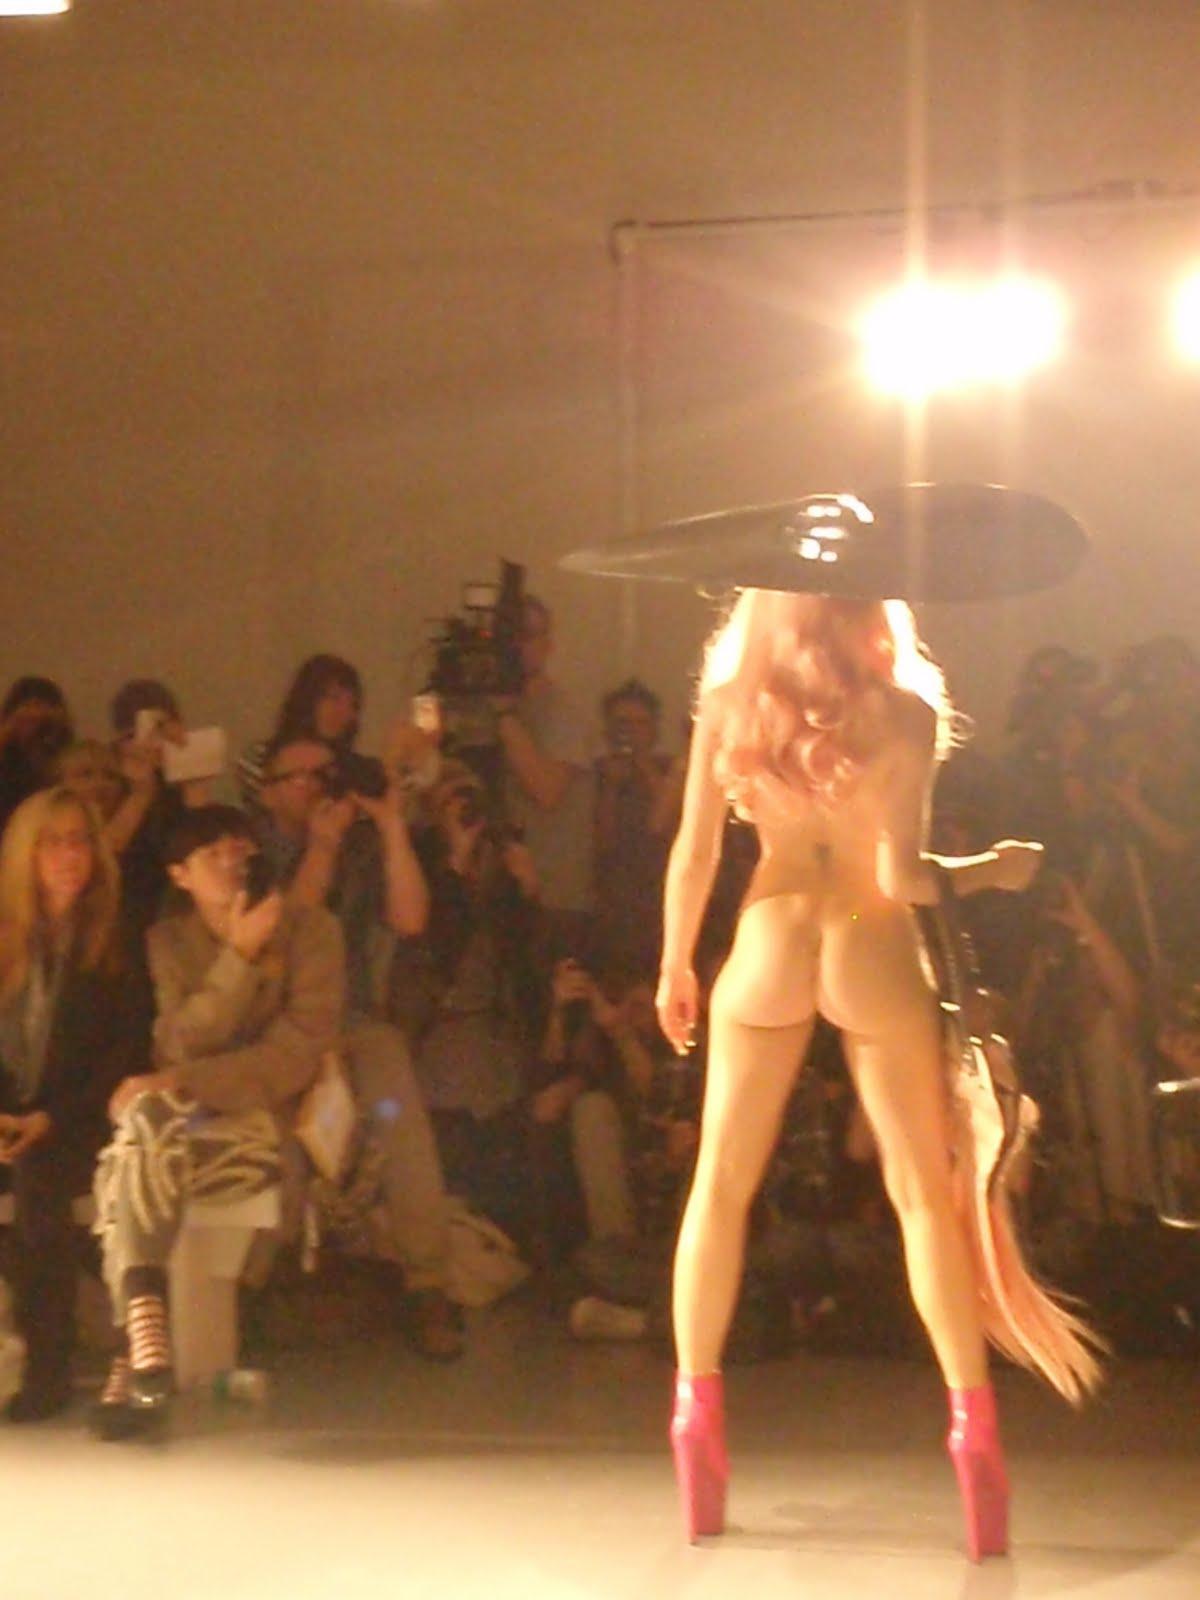 charlie le mindu nude uncensored